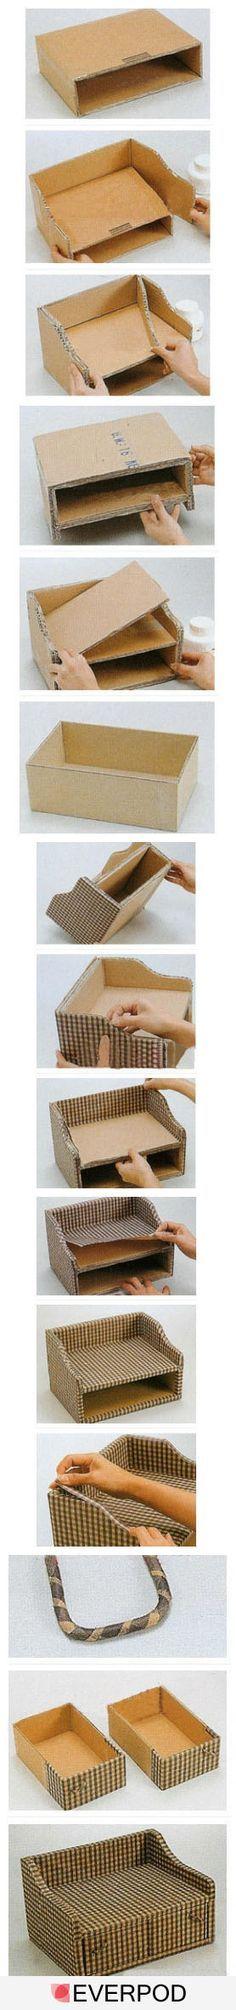 Pequena estante com gavetas (com papelão reciclado)